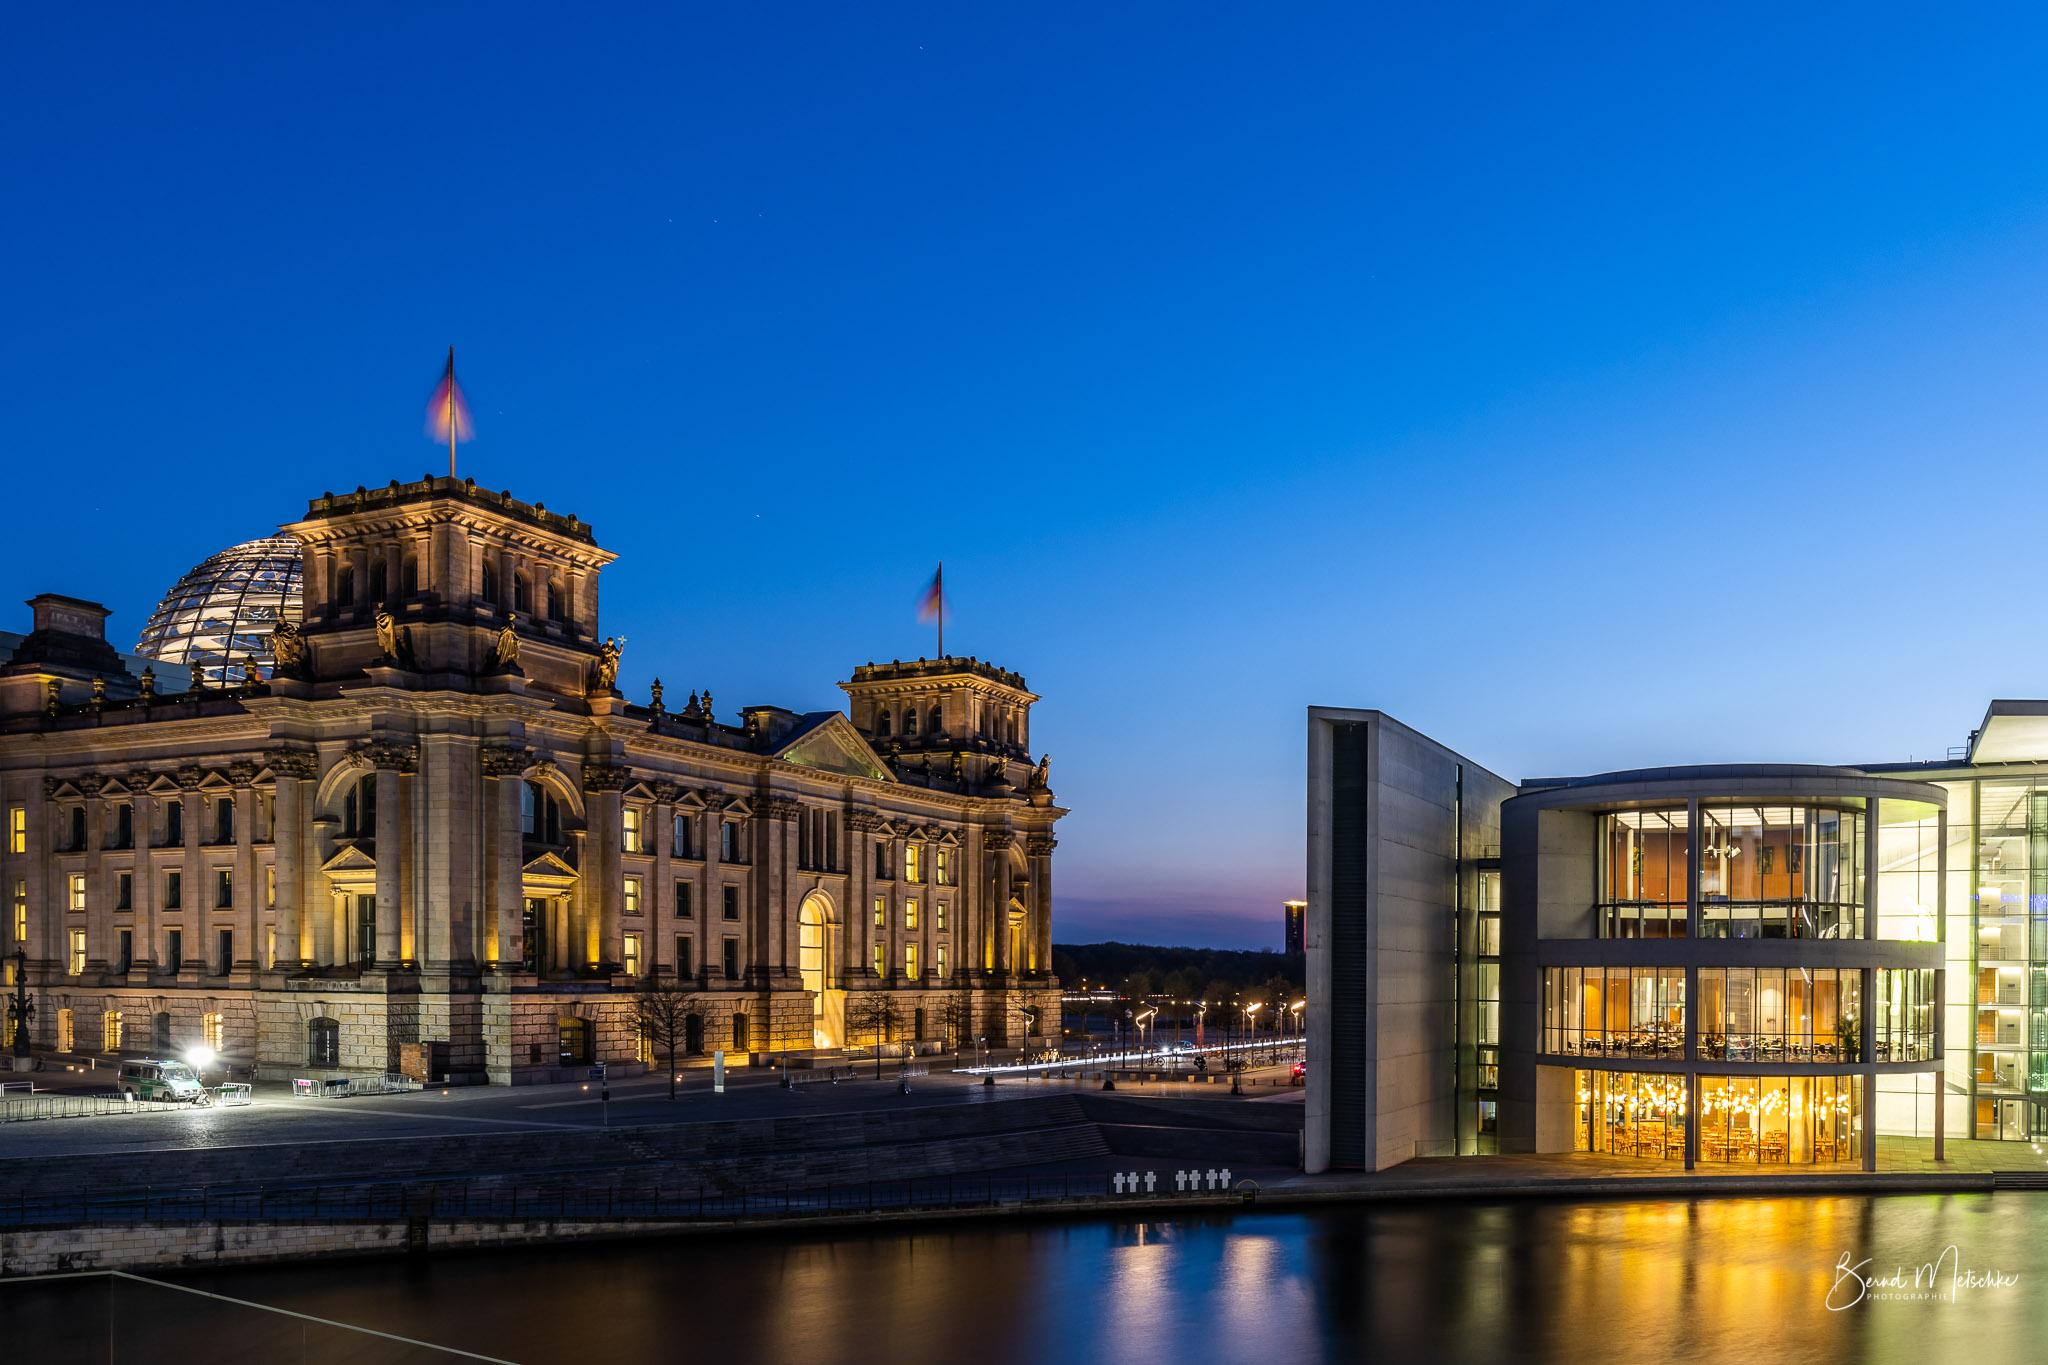 Regierungsviertel - Reichstagsgebäude